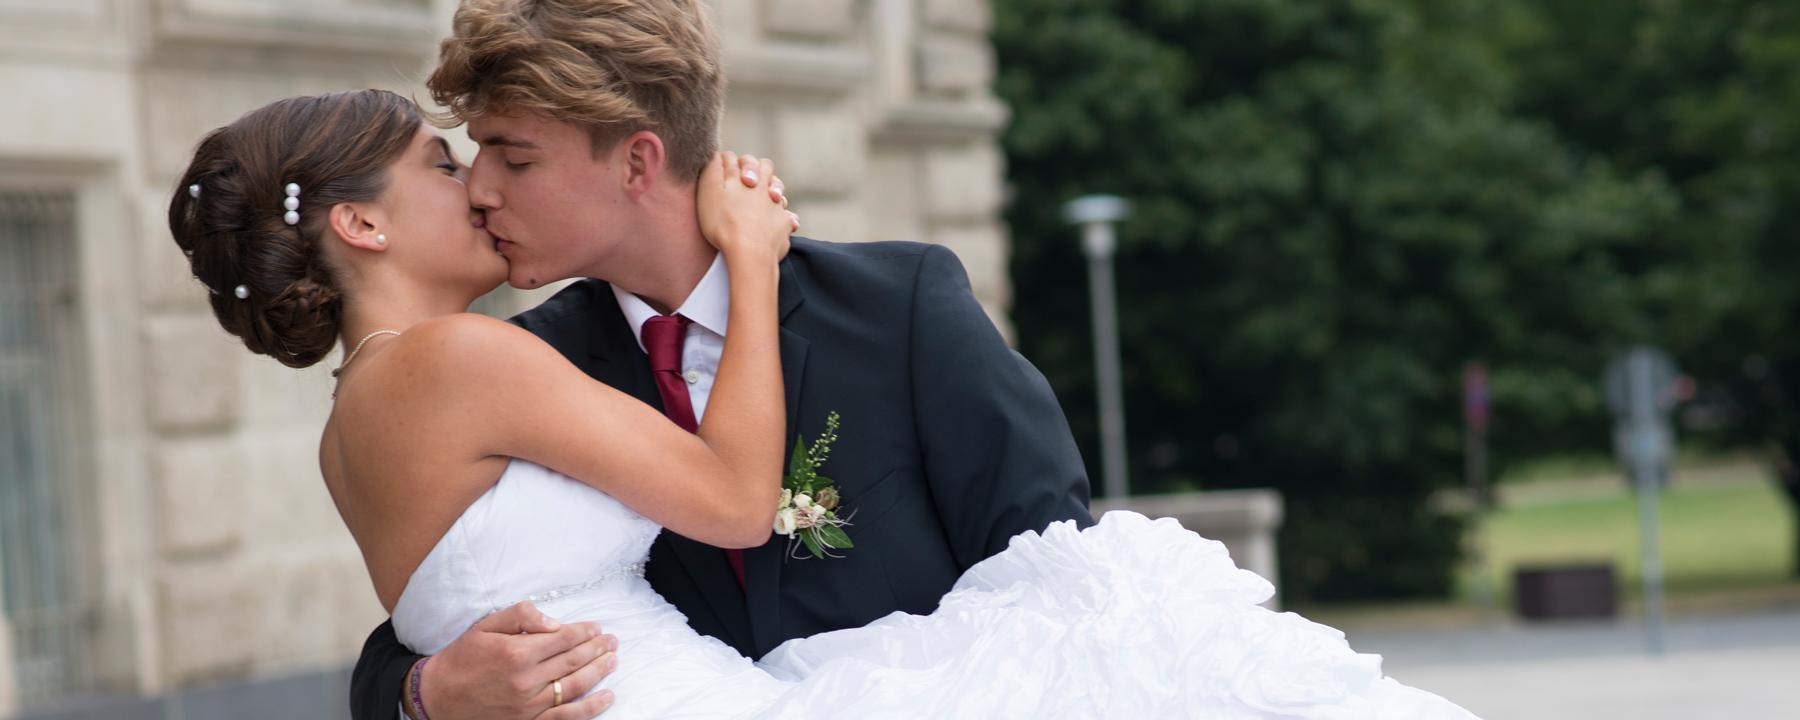 Humanistische Hochzeit